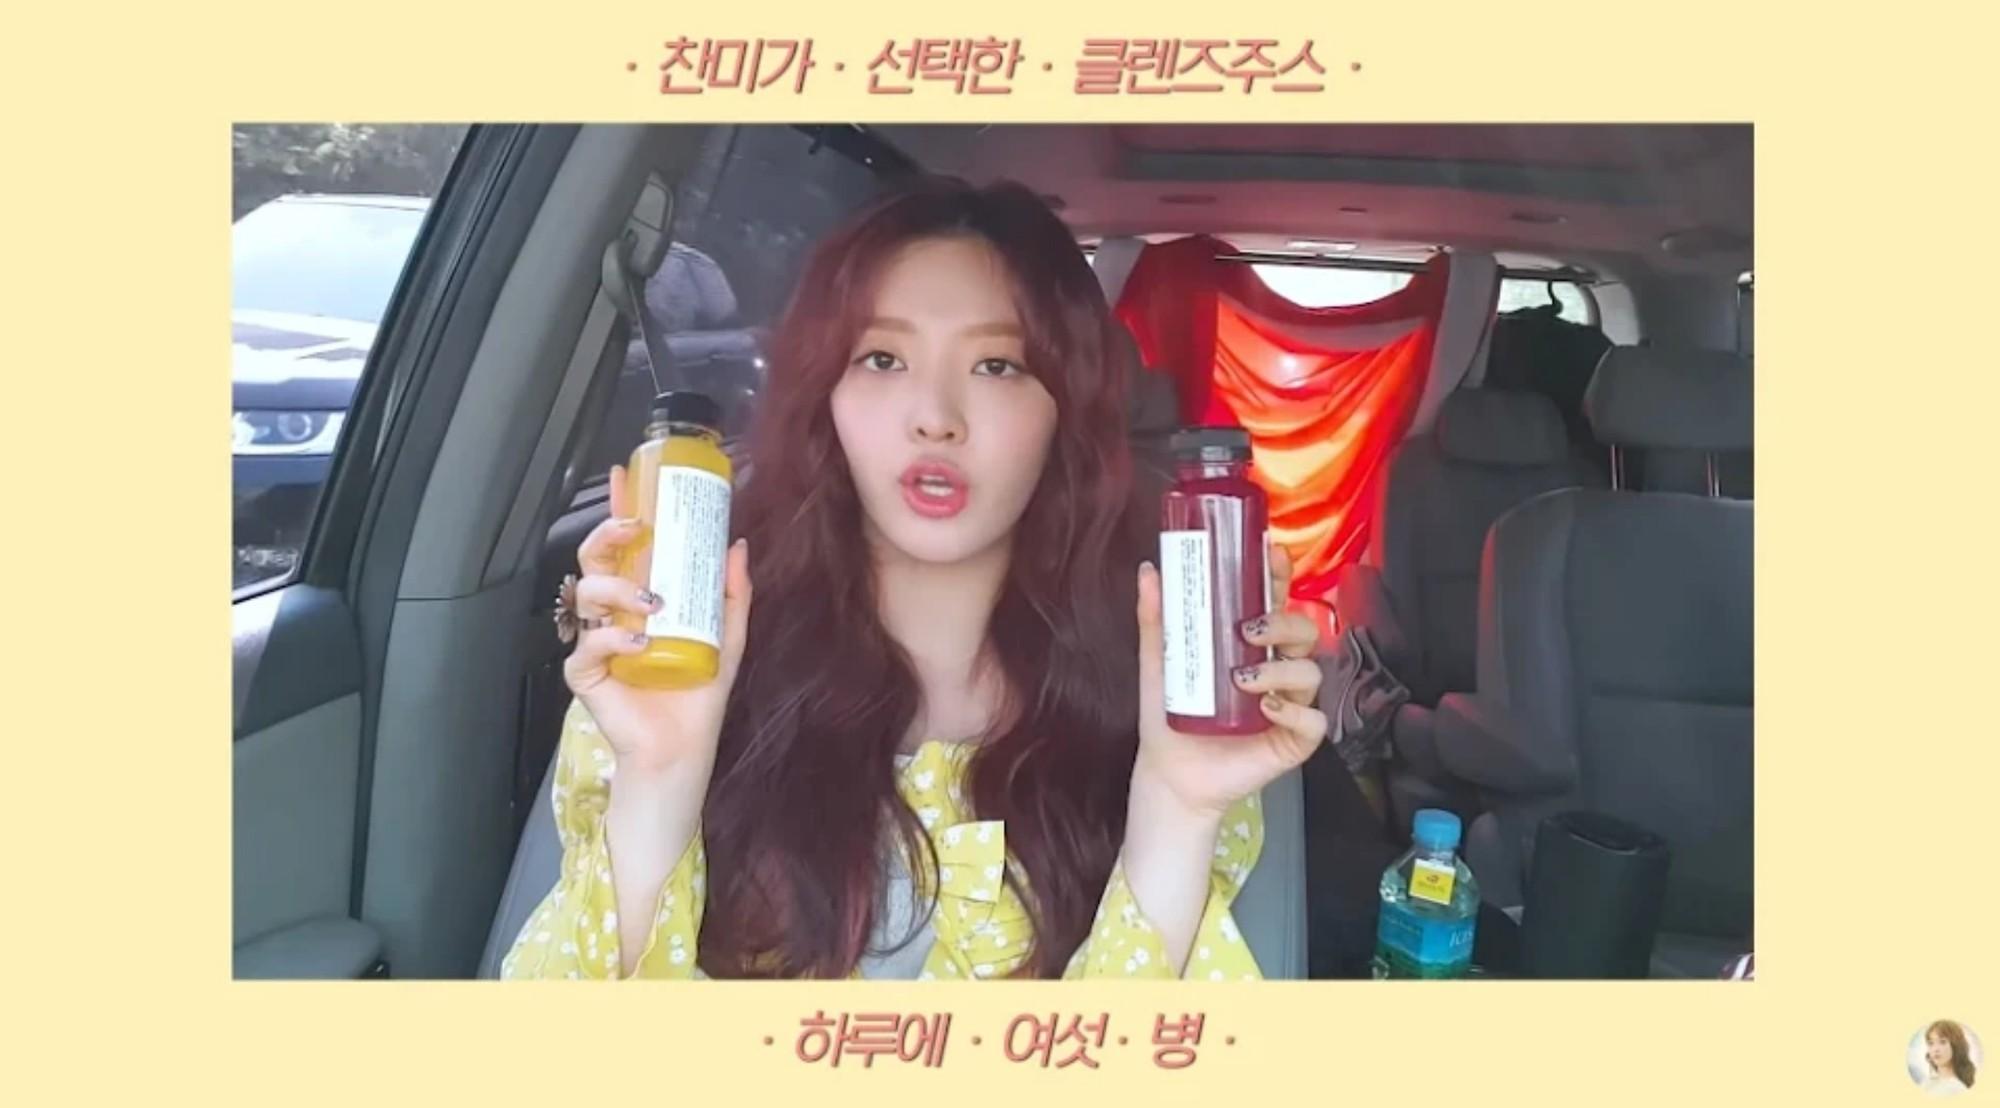 Nữ idol nhóm nhạc đình đám Kpop tiết lộ bí quyết giảm cân gây sốc: Sụt 3kg chỉ sau 5 ngày, nghe đã muốn ngất lịm - Ảnh 2.